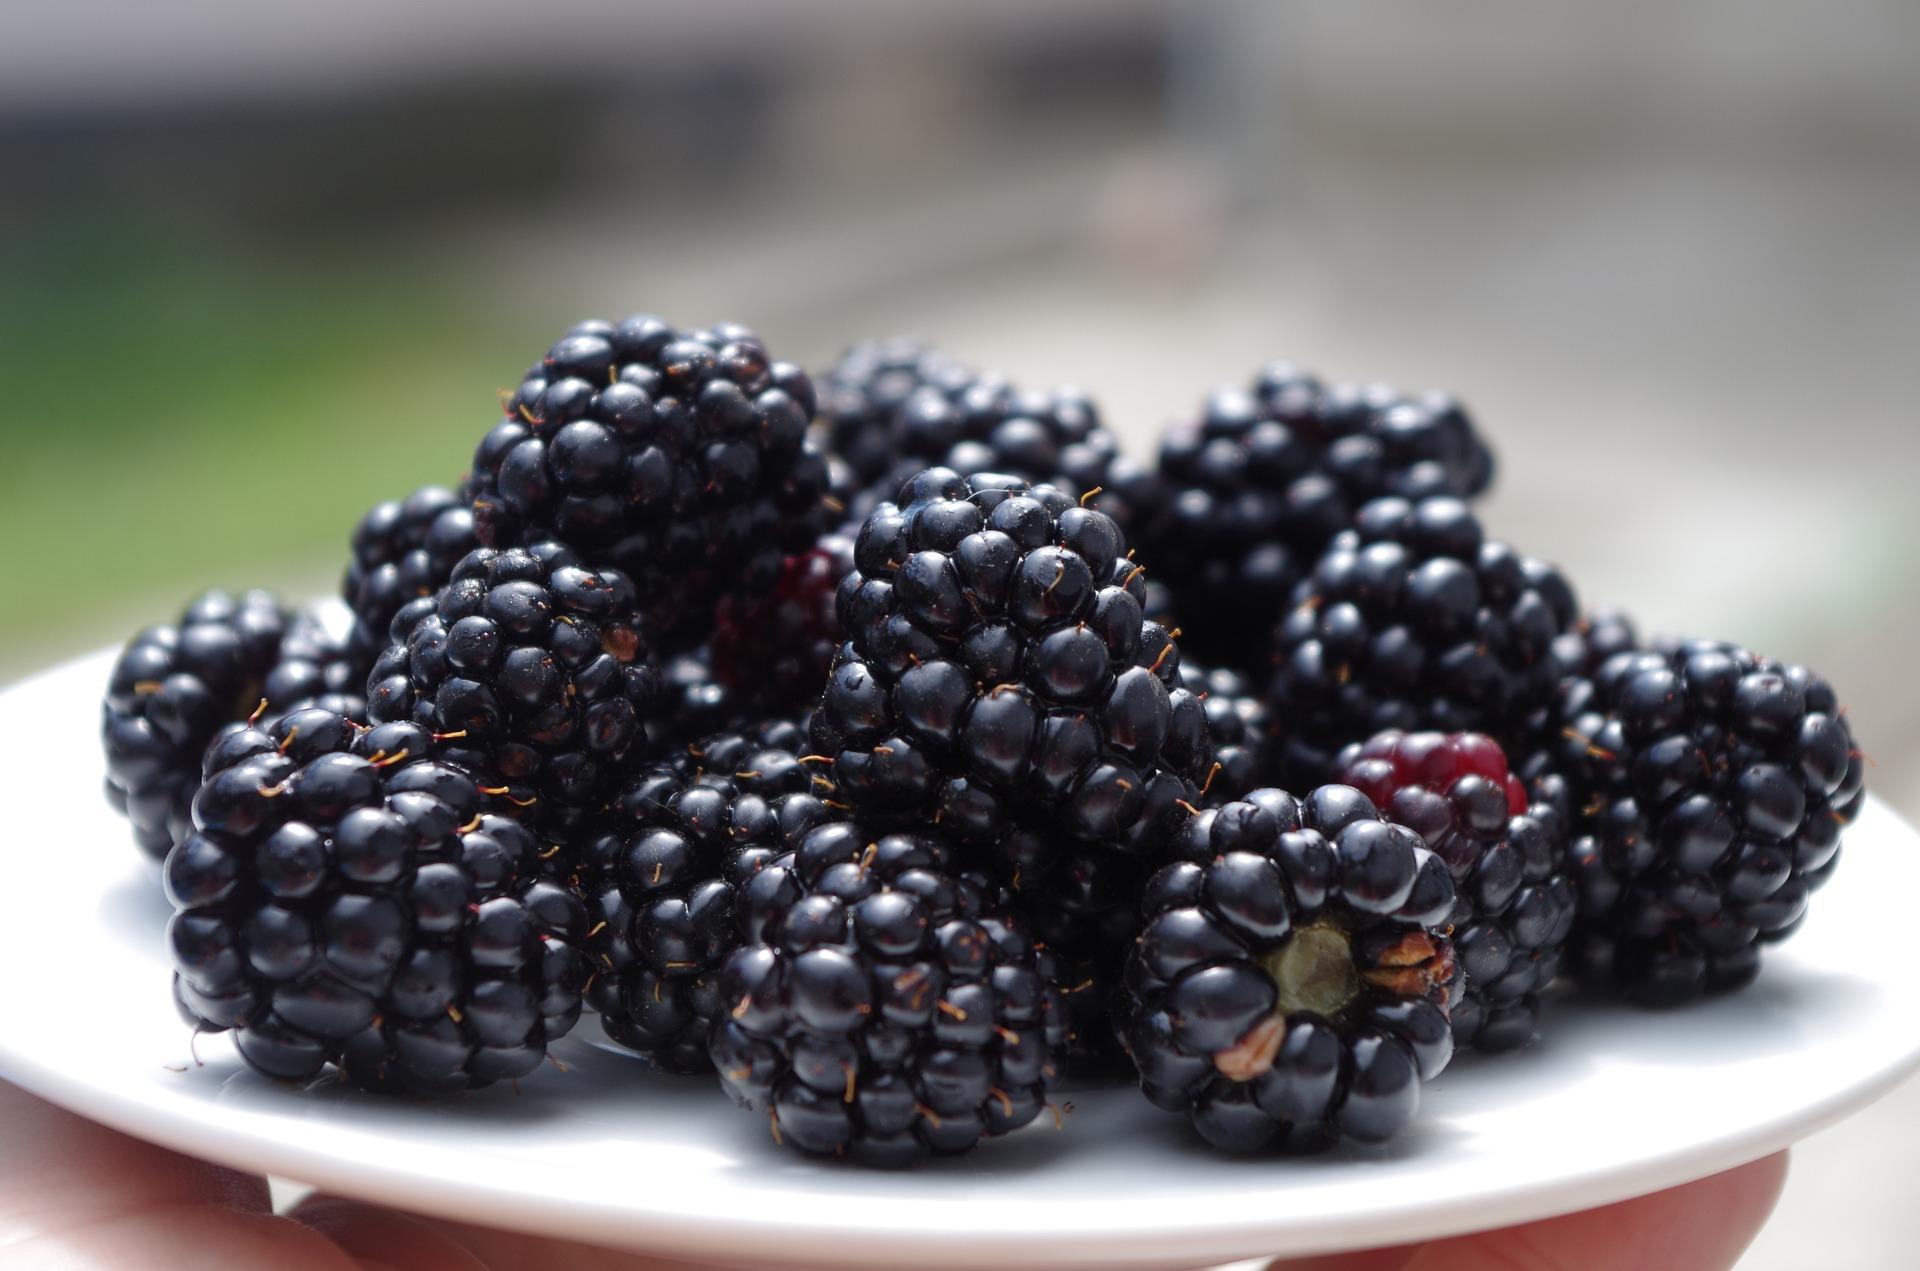 blackberries-1045728_1920.jpg